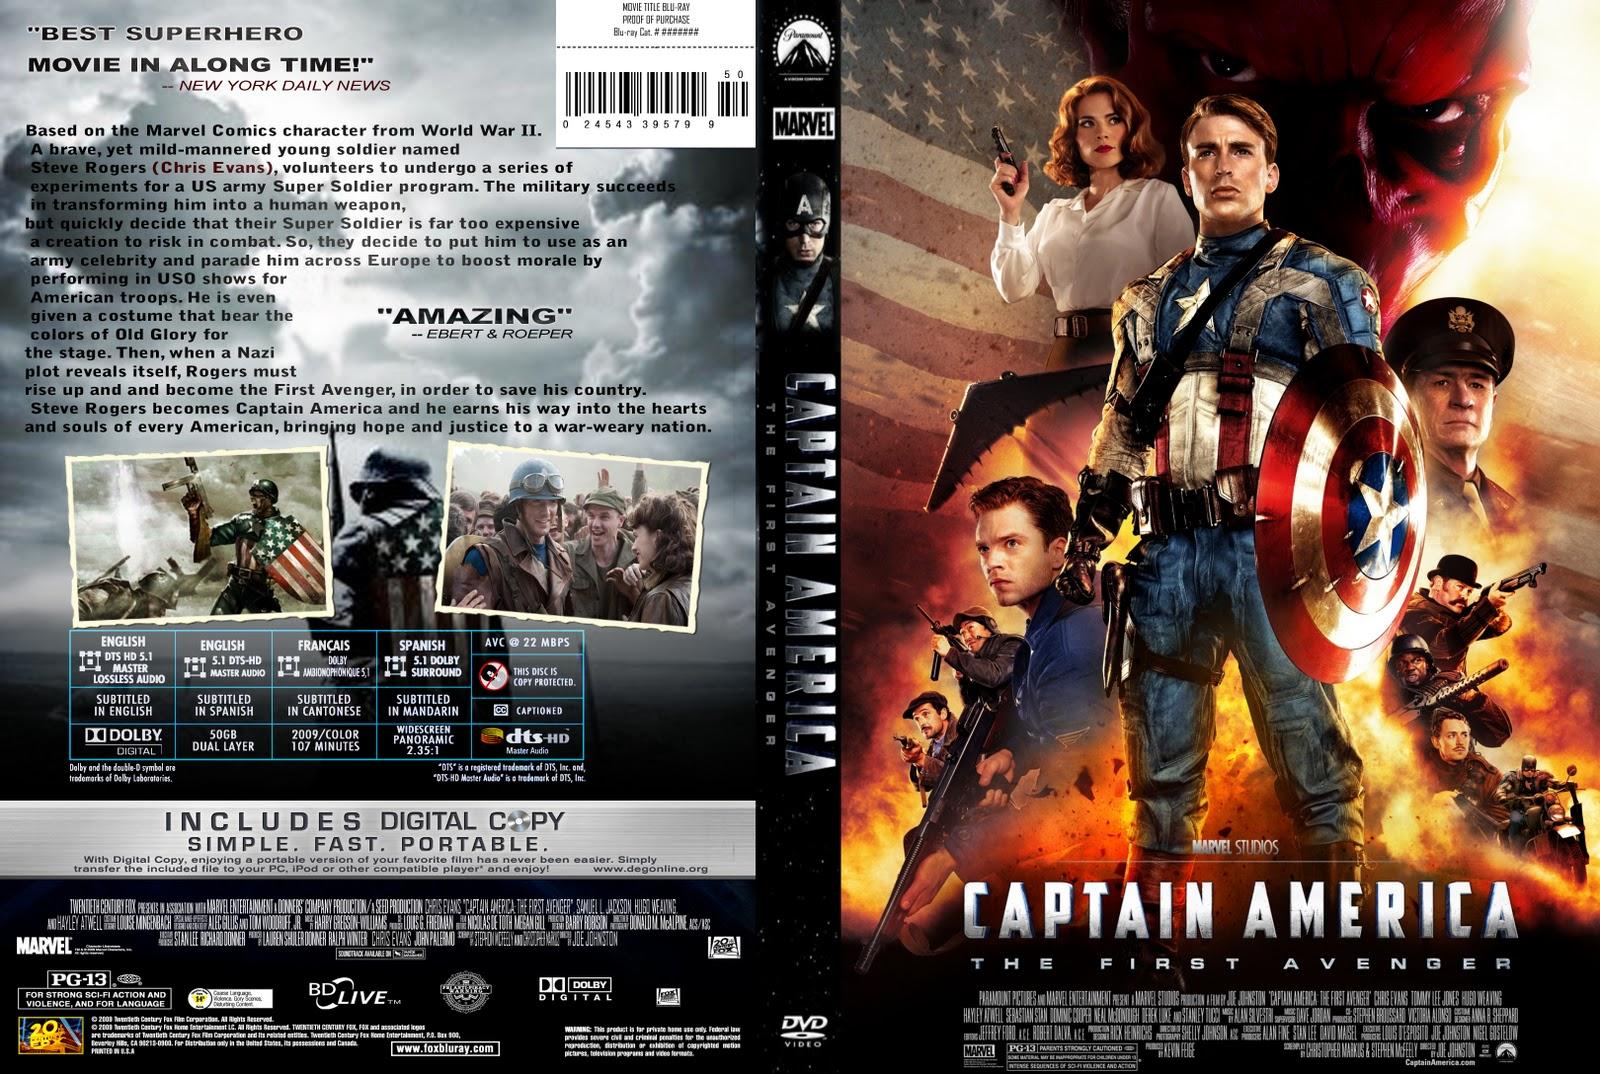 Captain america the first avenger 2011 - Captain America The First Avenger 2011 Dvd Cover Hd